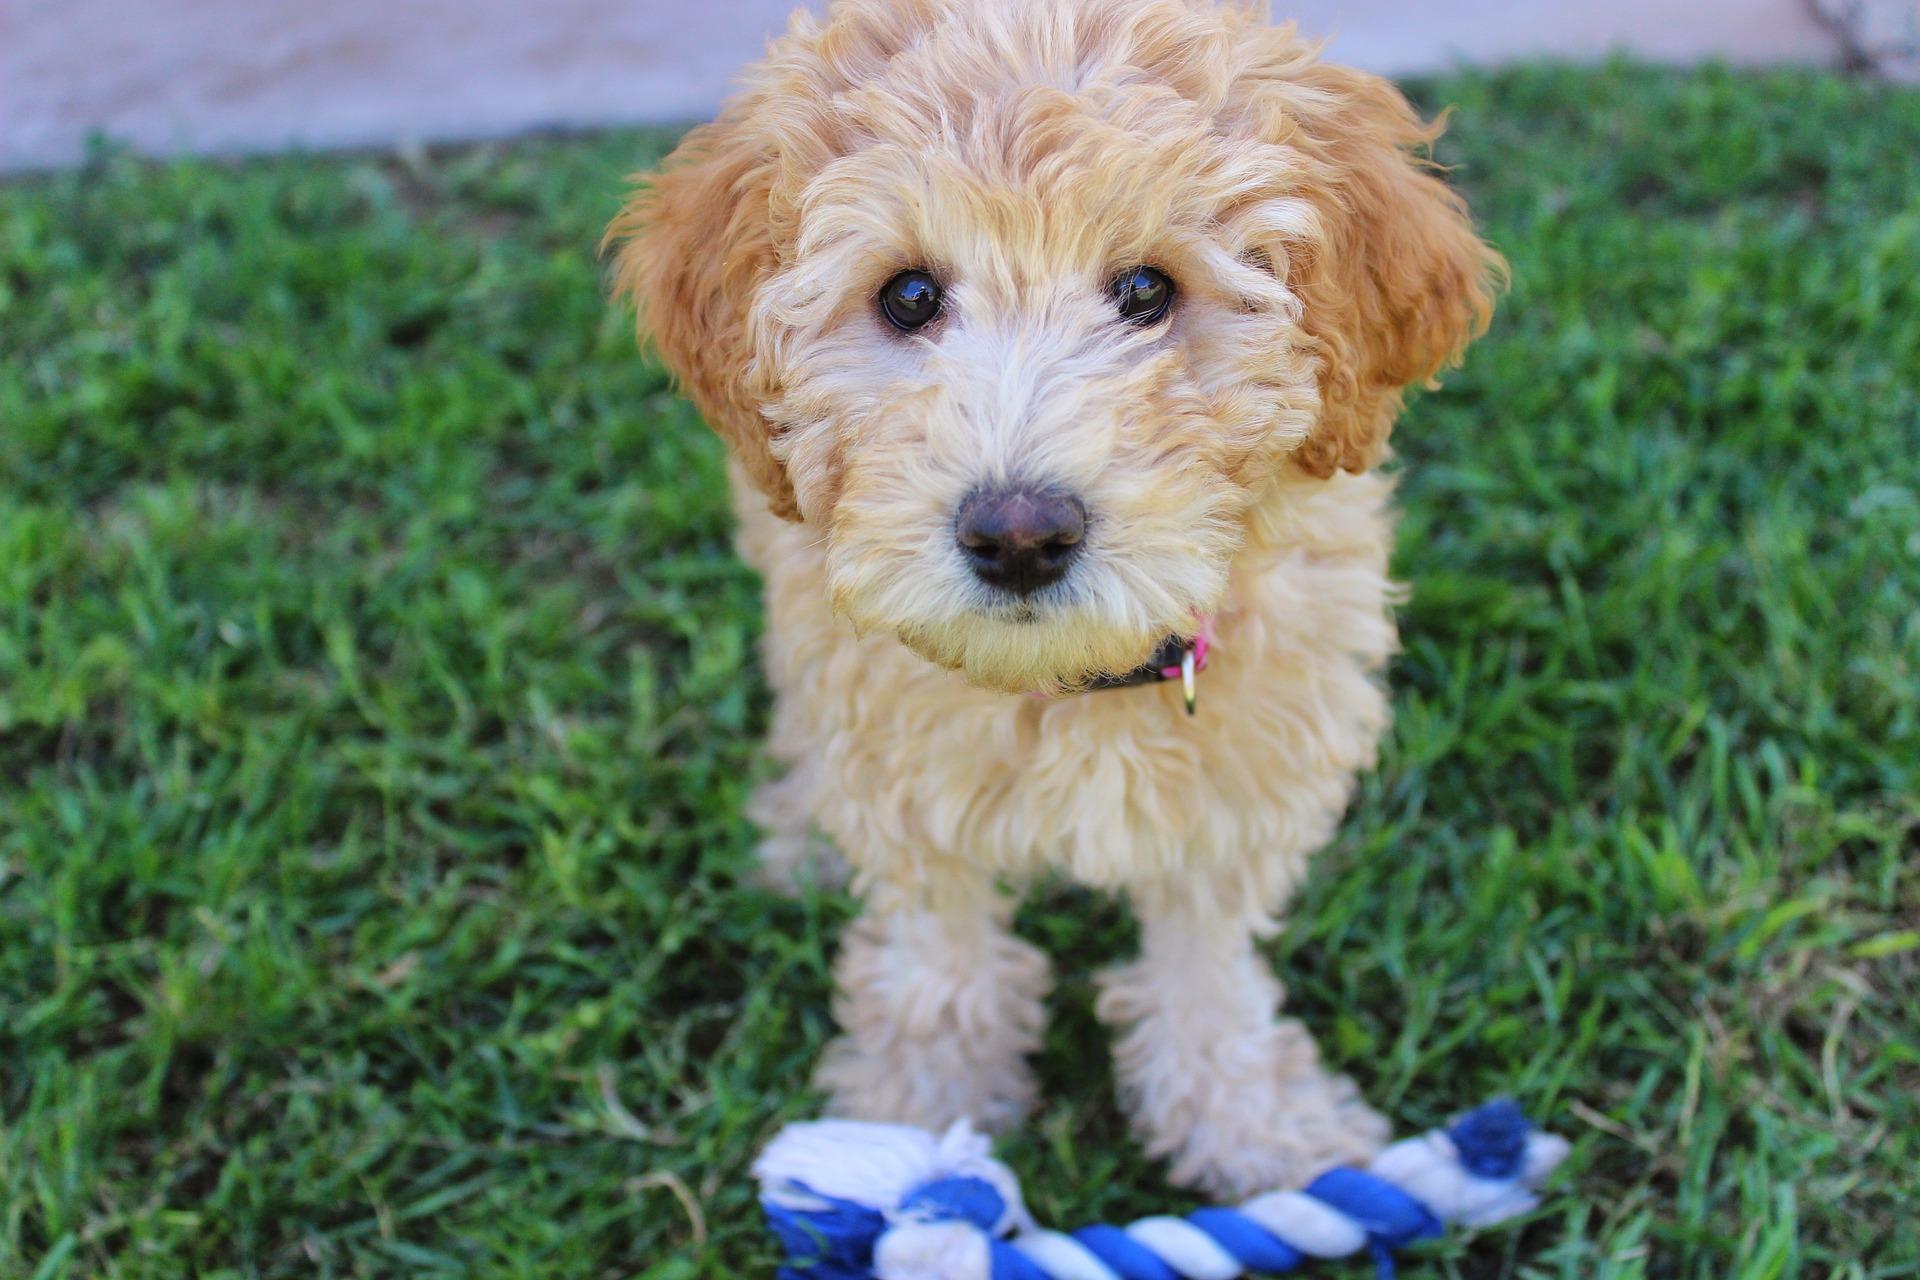 Labradoodle wbrew obiegowej opinii nie są psami nie powodującymi alergii, to nie rodzaj sierści uczula, a ślina i wydzieliny zwierząt. Przed zakupem zawsze należy sprawdzić jak reagujemy na psa.